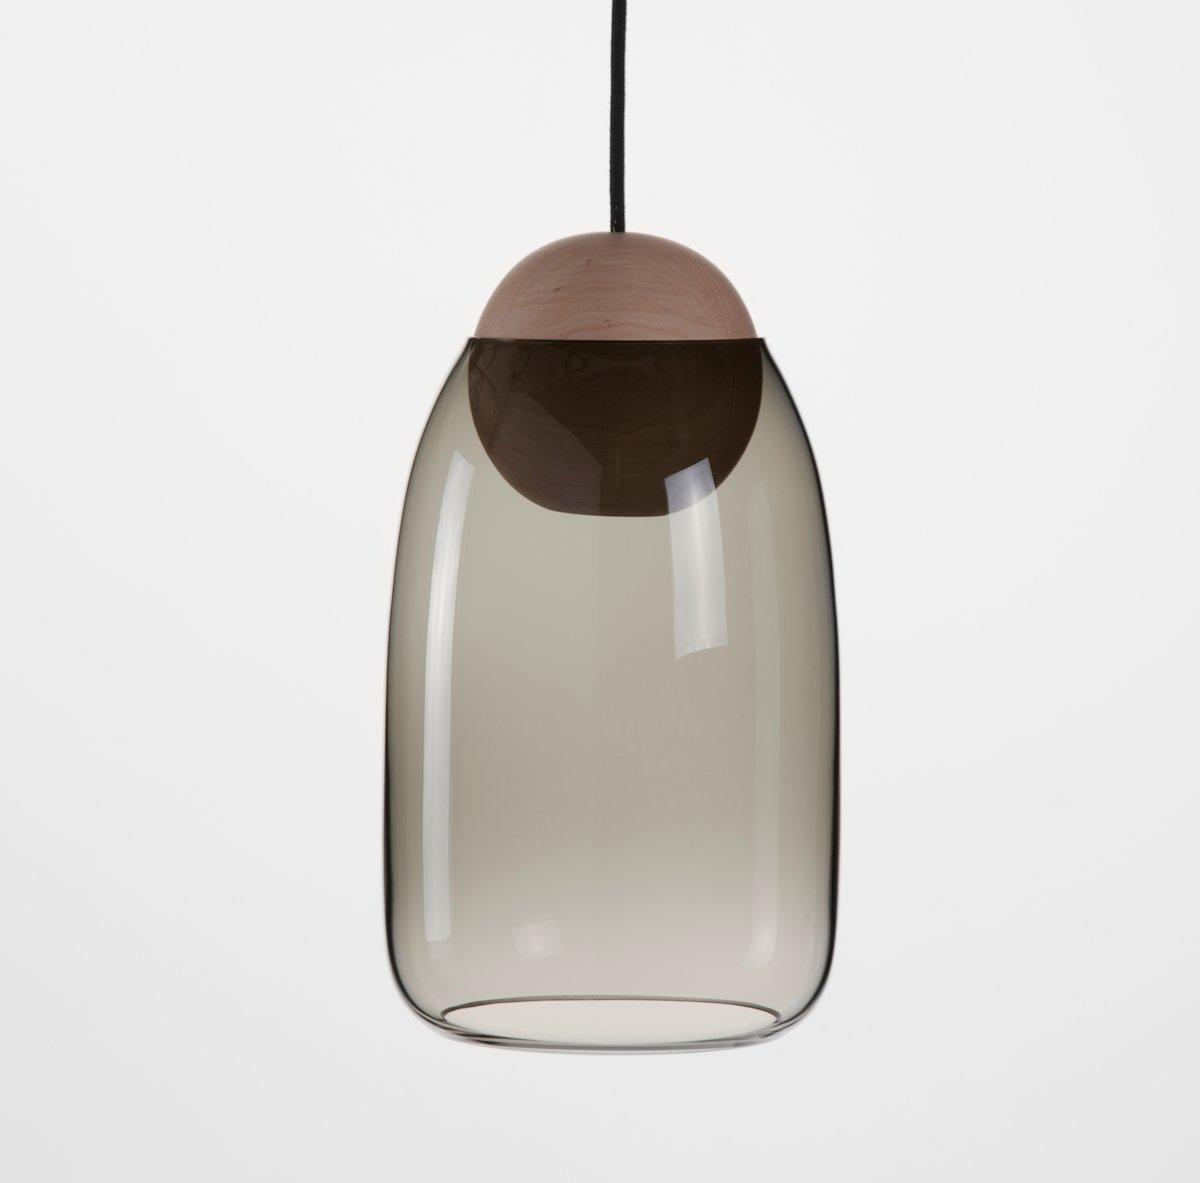 Майя Пускари, Maija Puoskari, Liuku, Salone Satellite, Salone del Mobile 2014, Salone del Mobile Милан, дизайнерские светильники, дизайнерская мебель